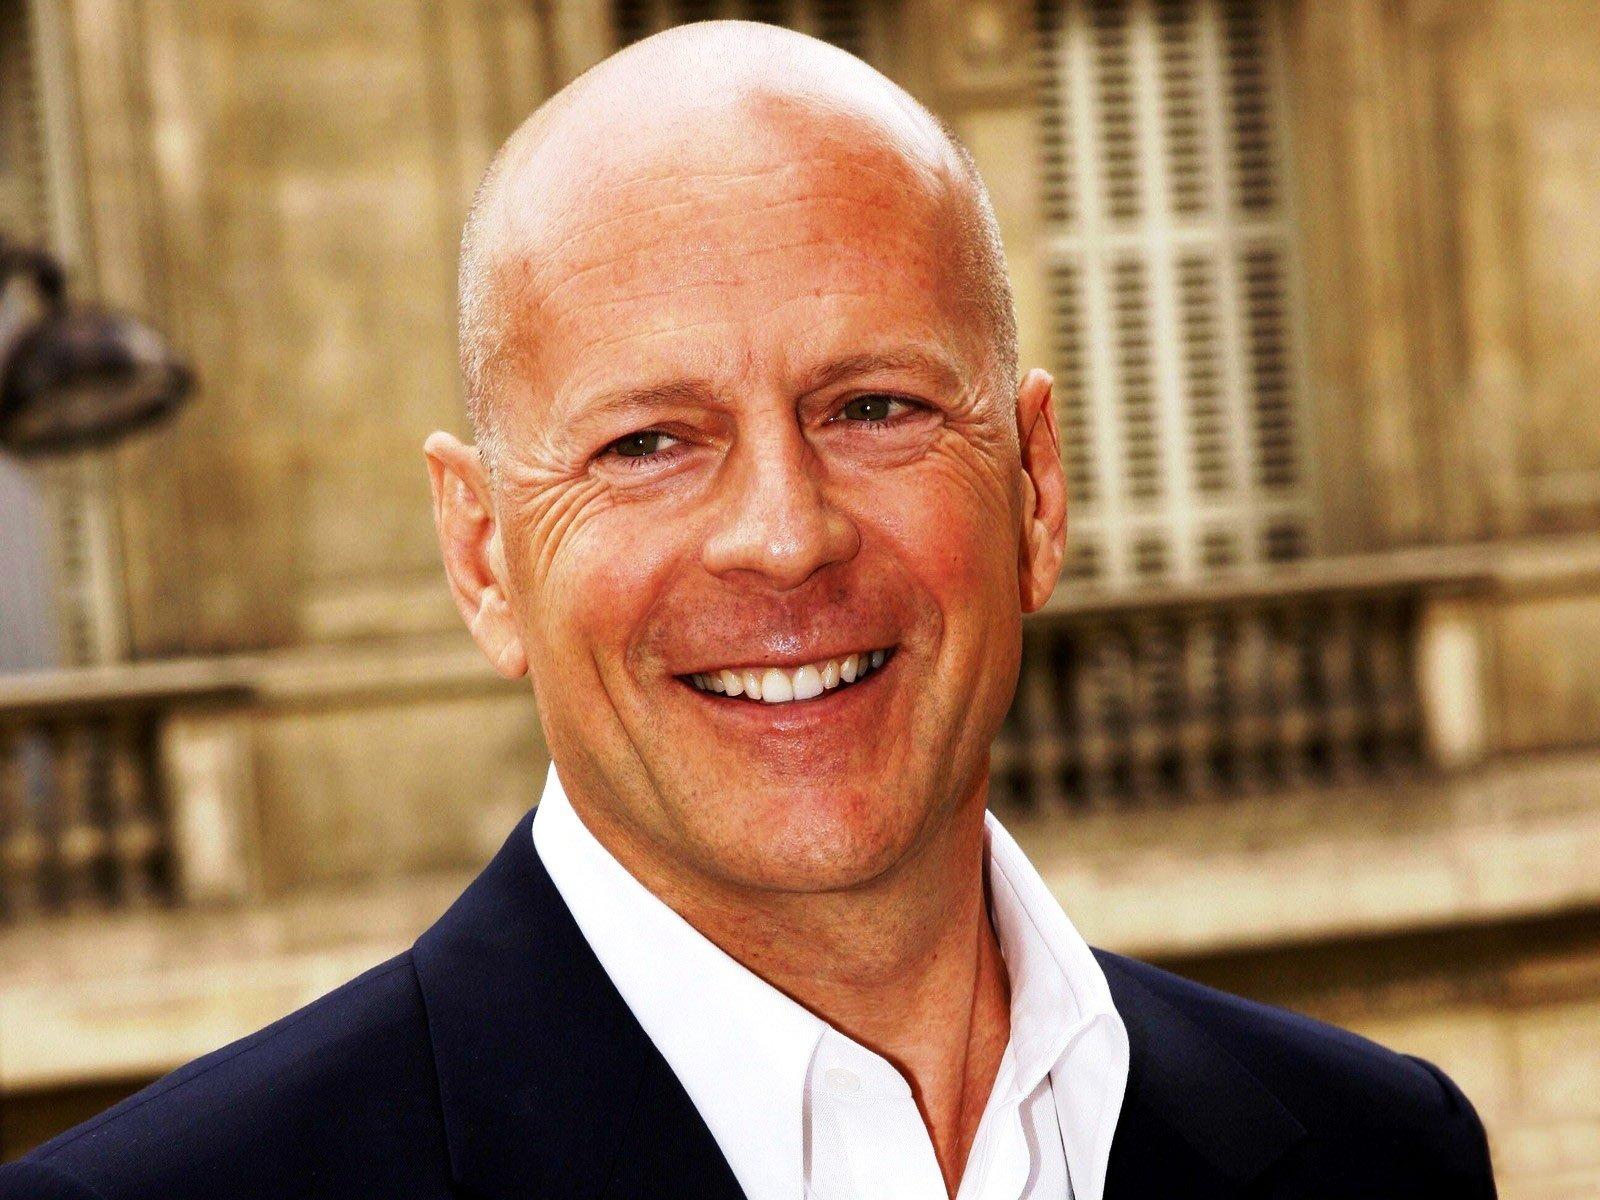 Сегодня исполняется 59 лет Bruce Willis  - Изображение 1